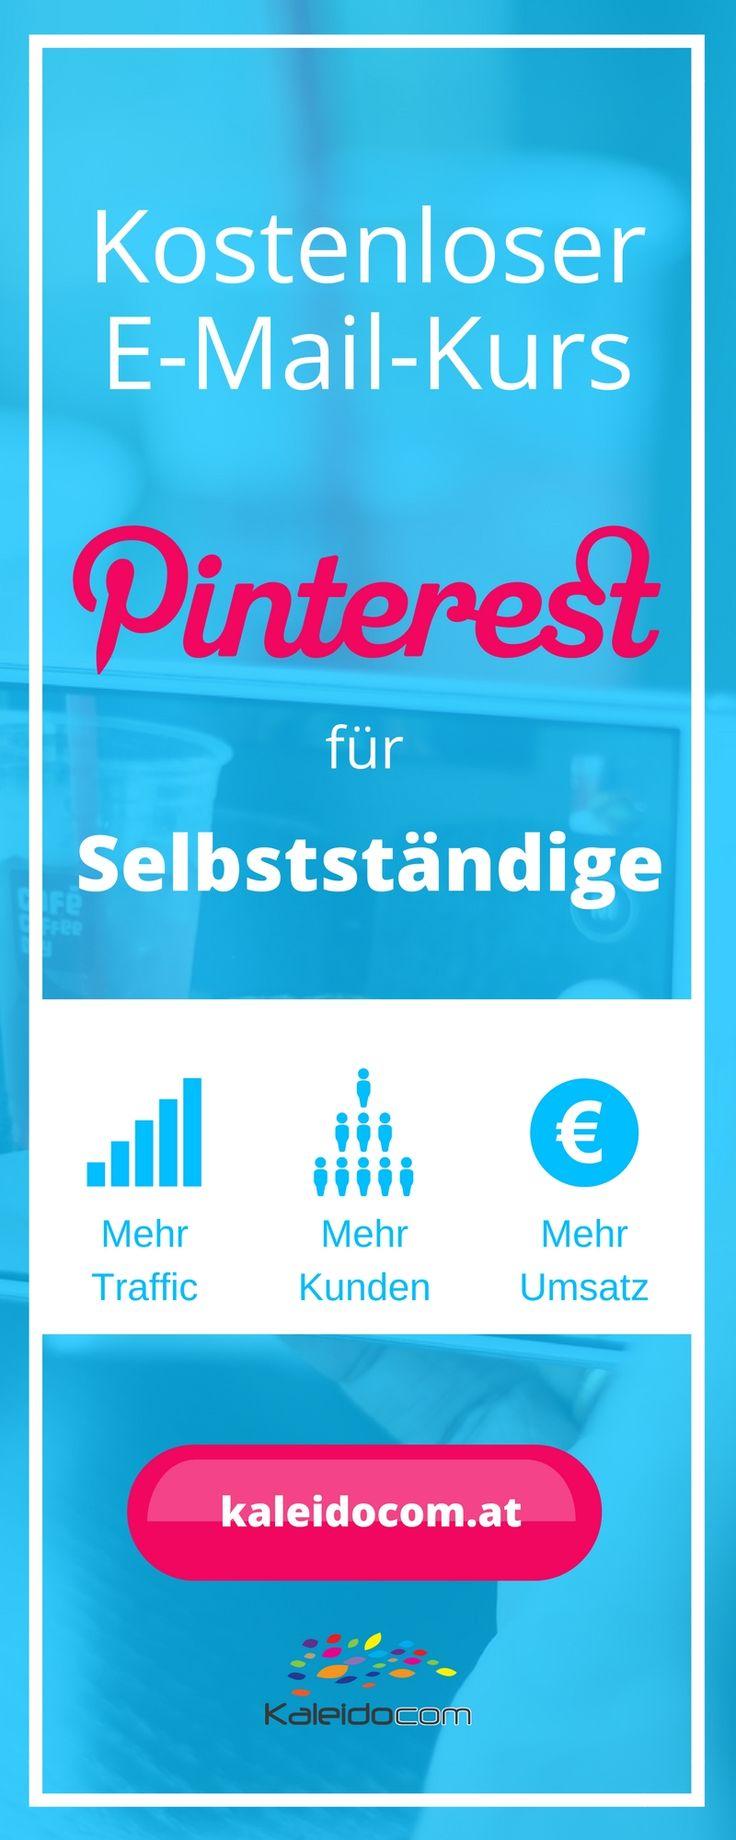 Heute noch anfangen und Pinterest strategisch nutzen! Kostenloser E-Mail-Kurs mit zahlreichen Tipps und Tricks.